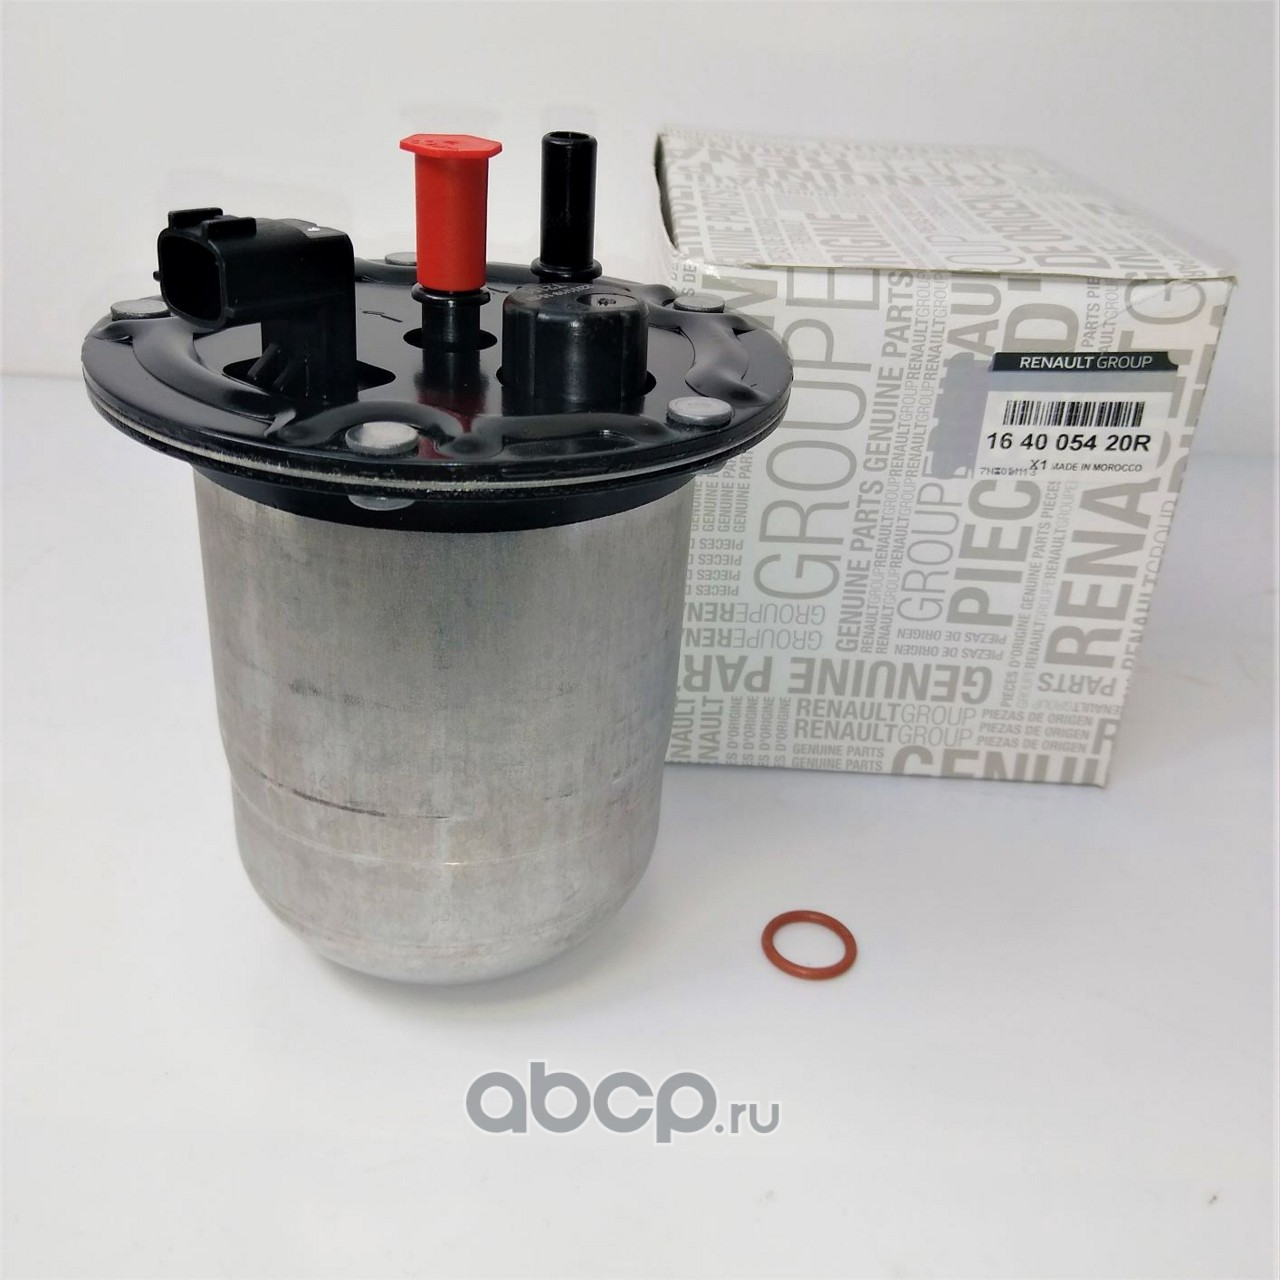 RENAULT 164005420R Топливный фильтр